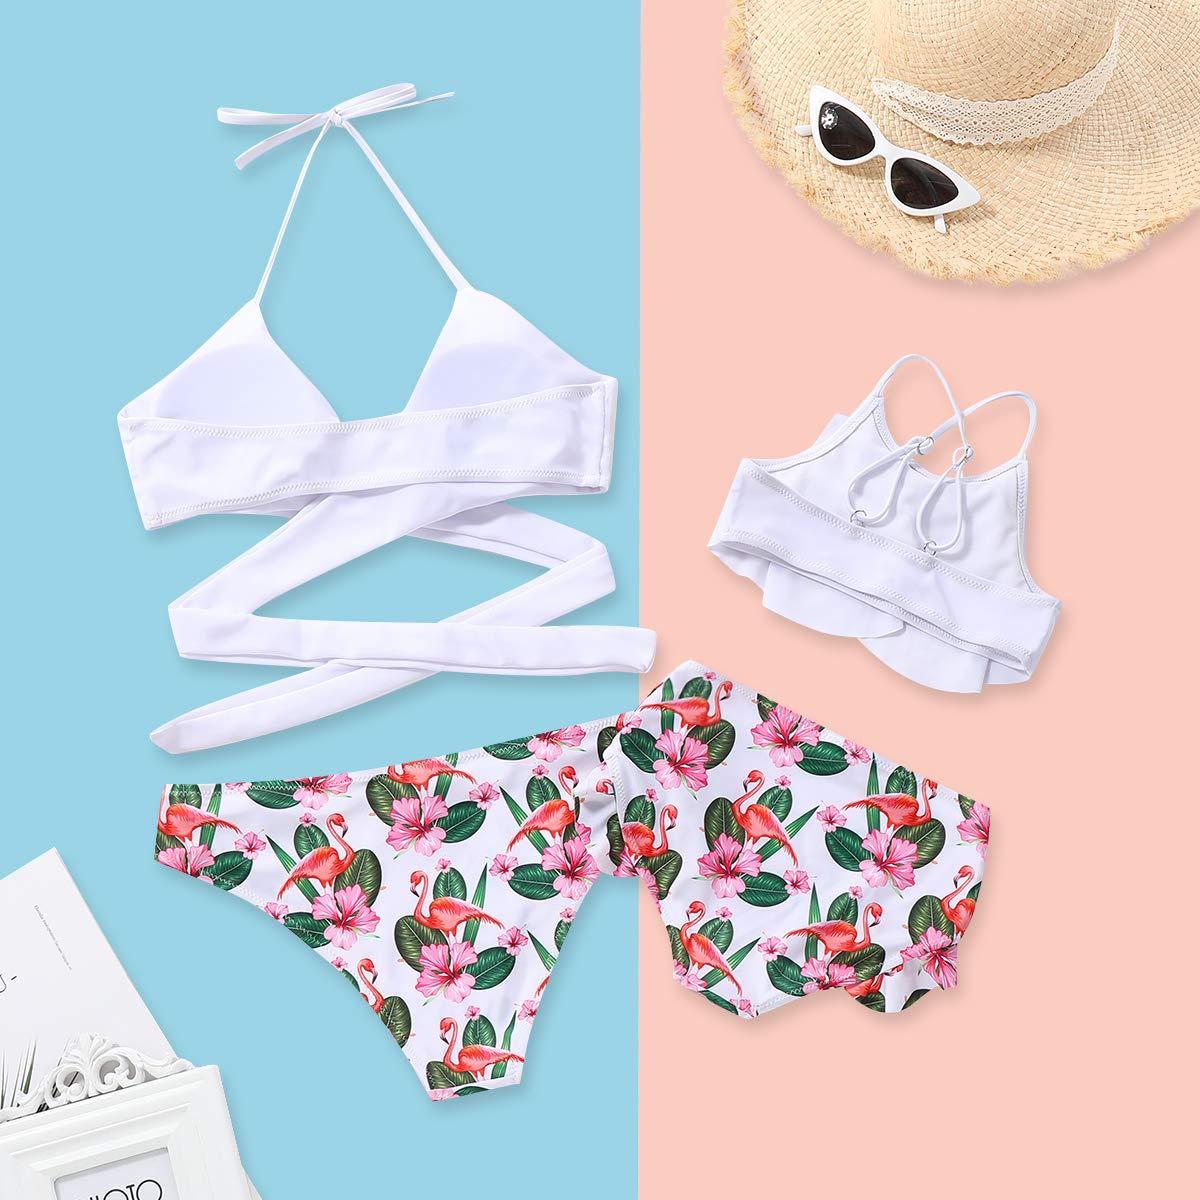 Matching Family Swimwear Ruffle Women Kids Girl Bikini Swimsuit Onesies Halter Striped Printed